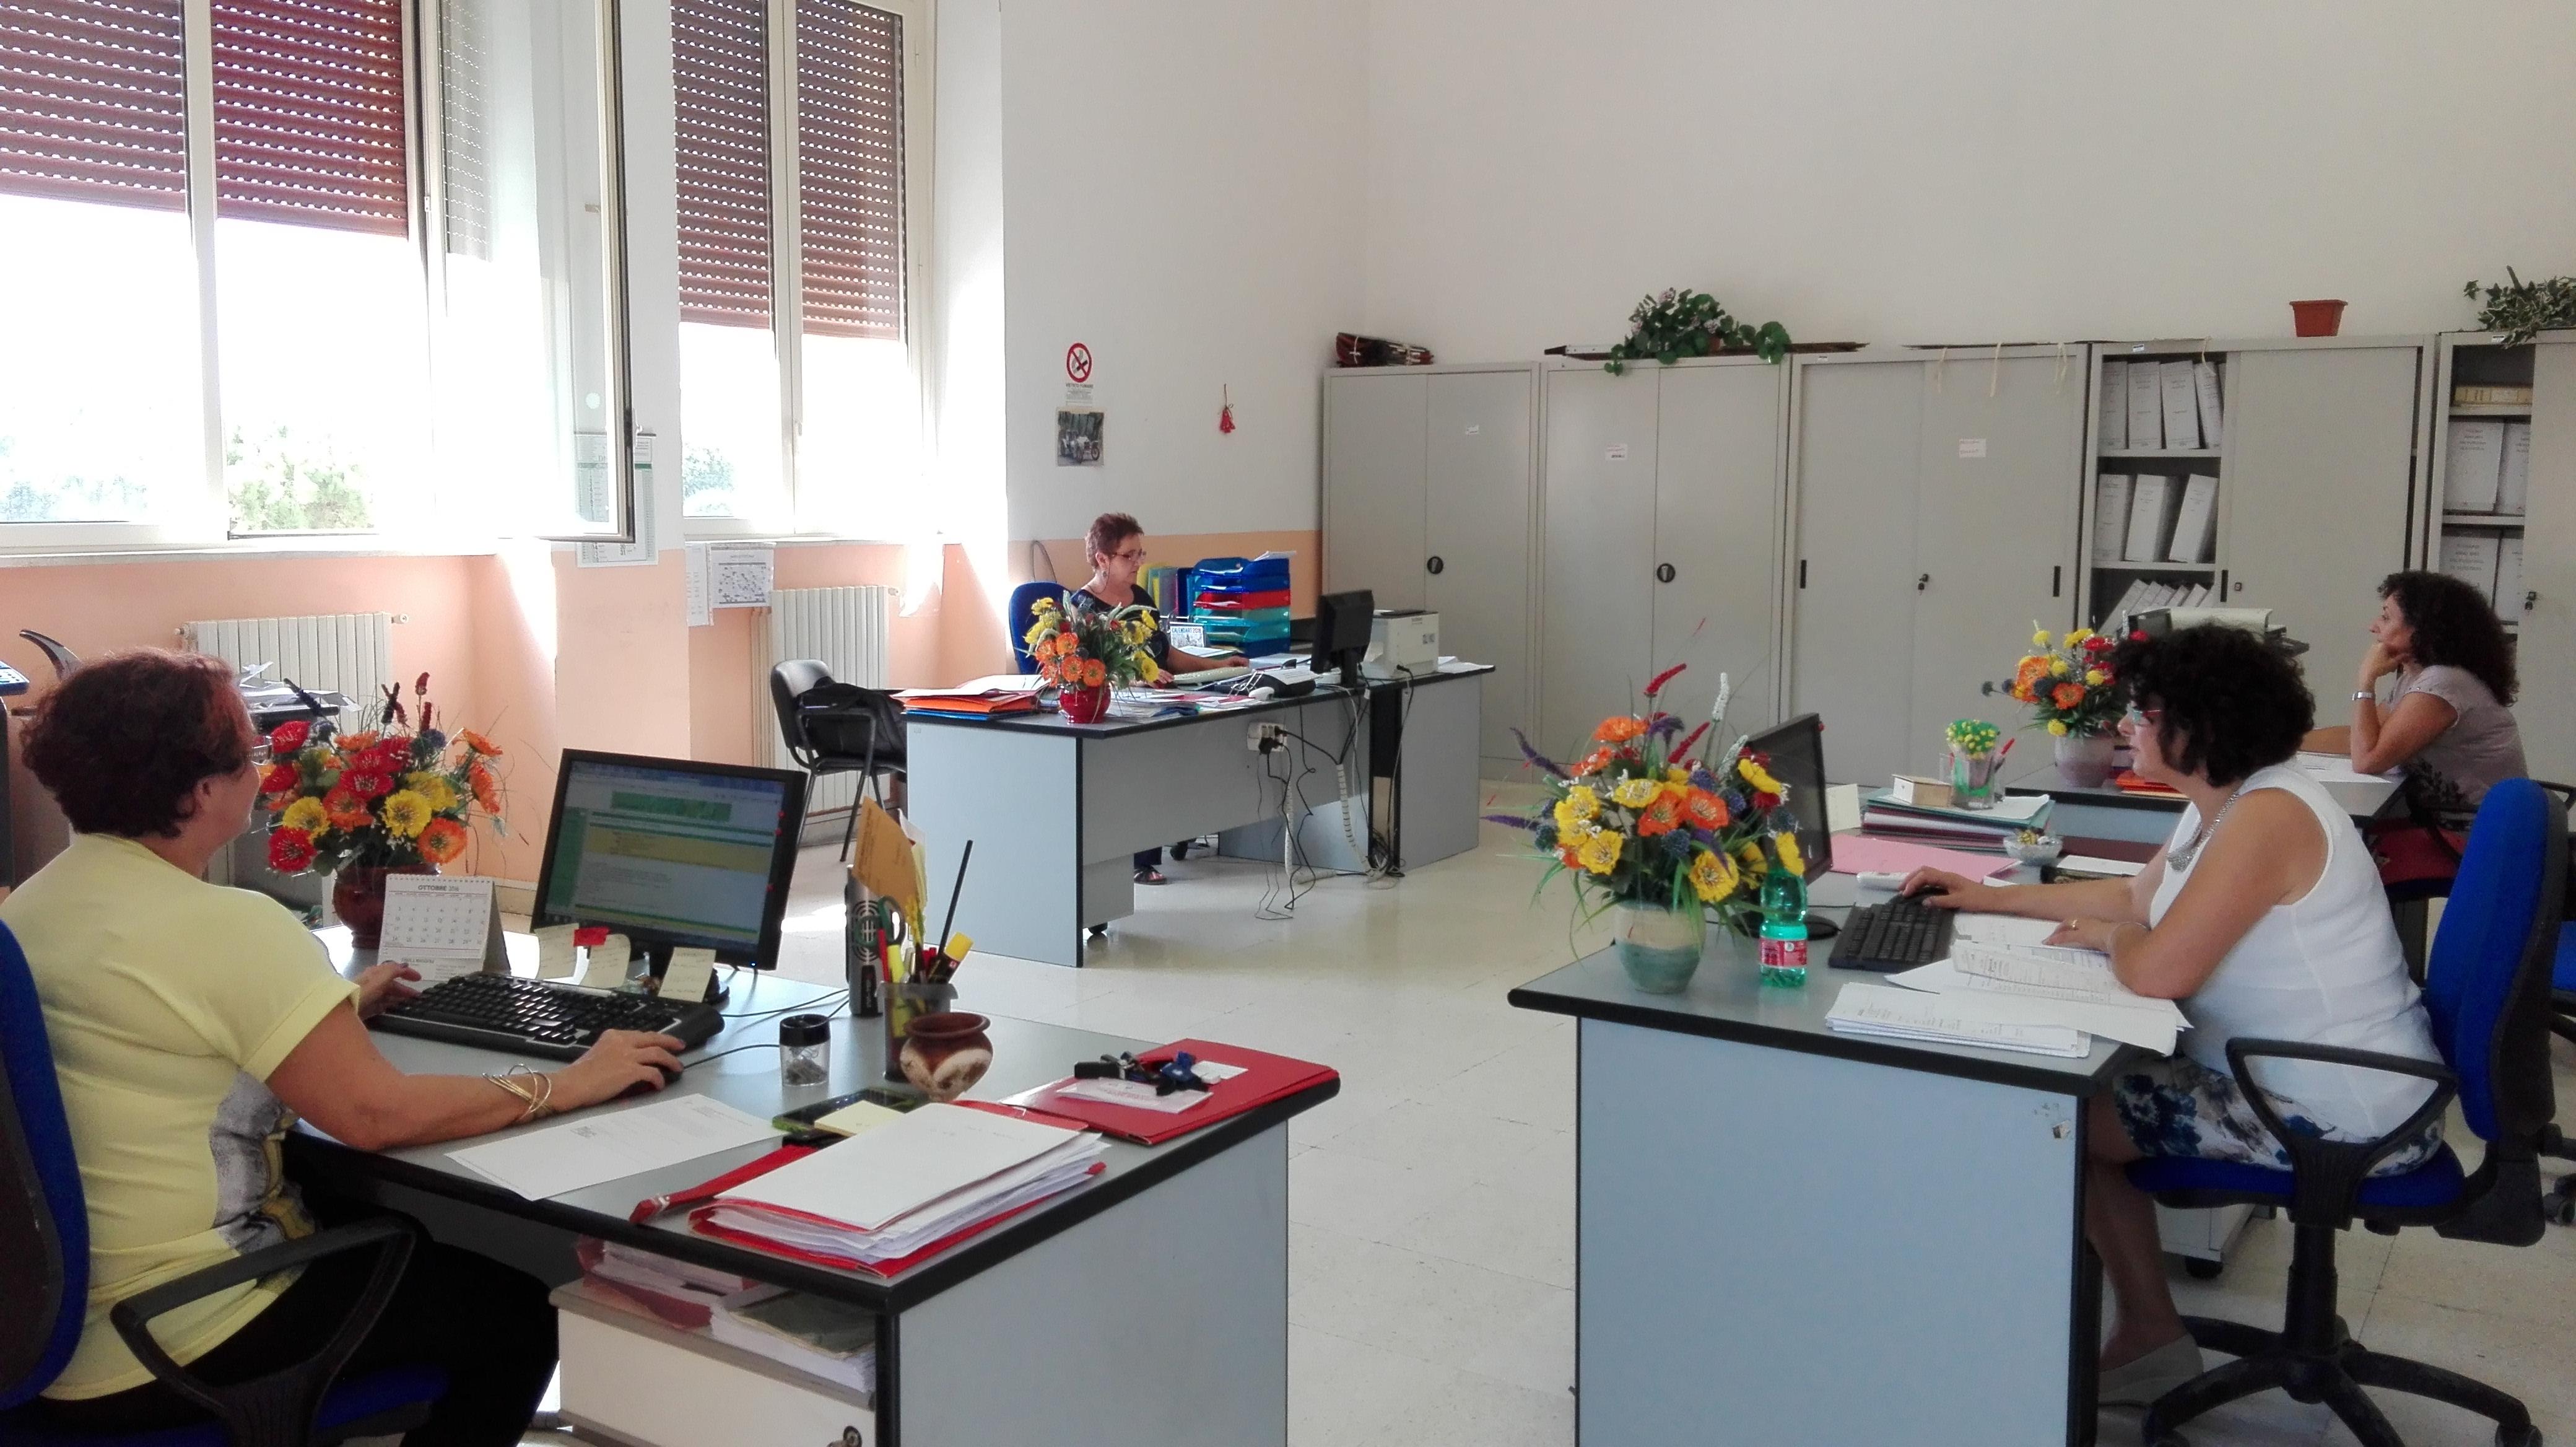 Ufficio Di Registro : Urp u2013 ufficio relazioni con il pubblico u2013 istituto comprensivo